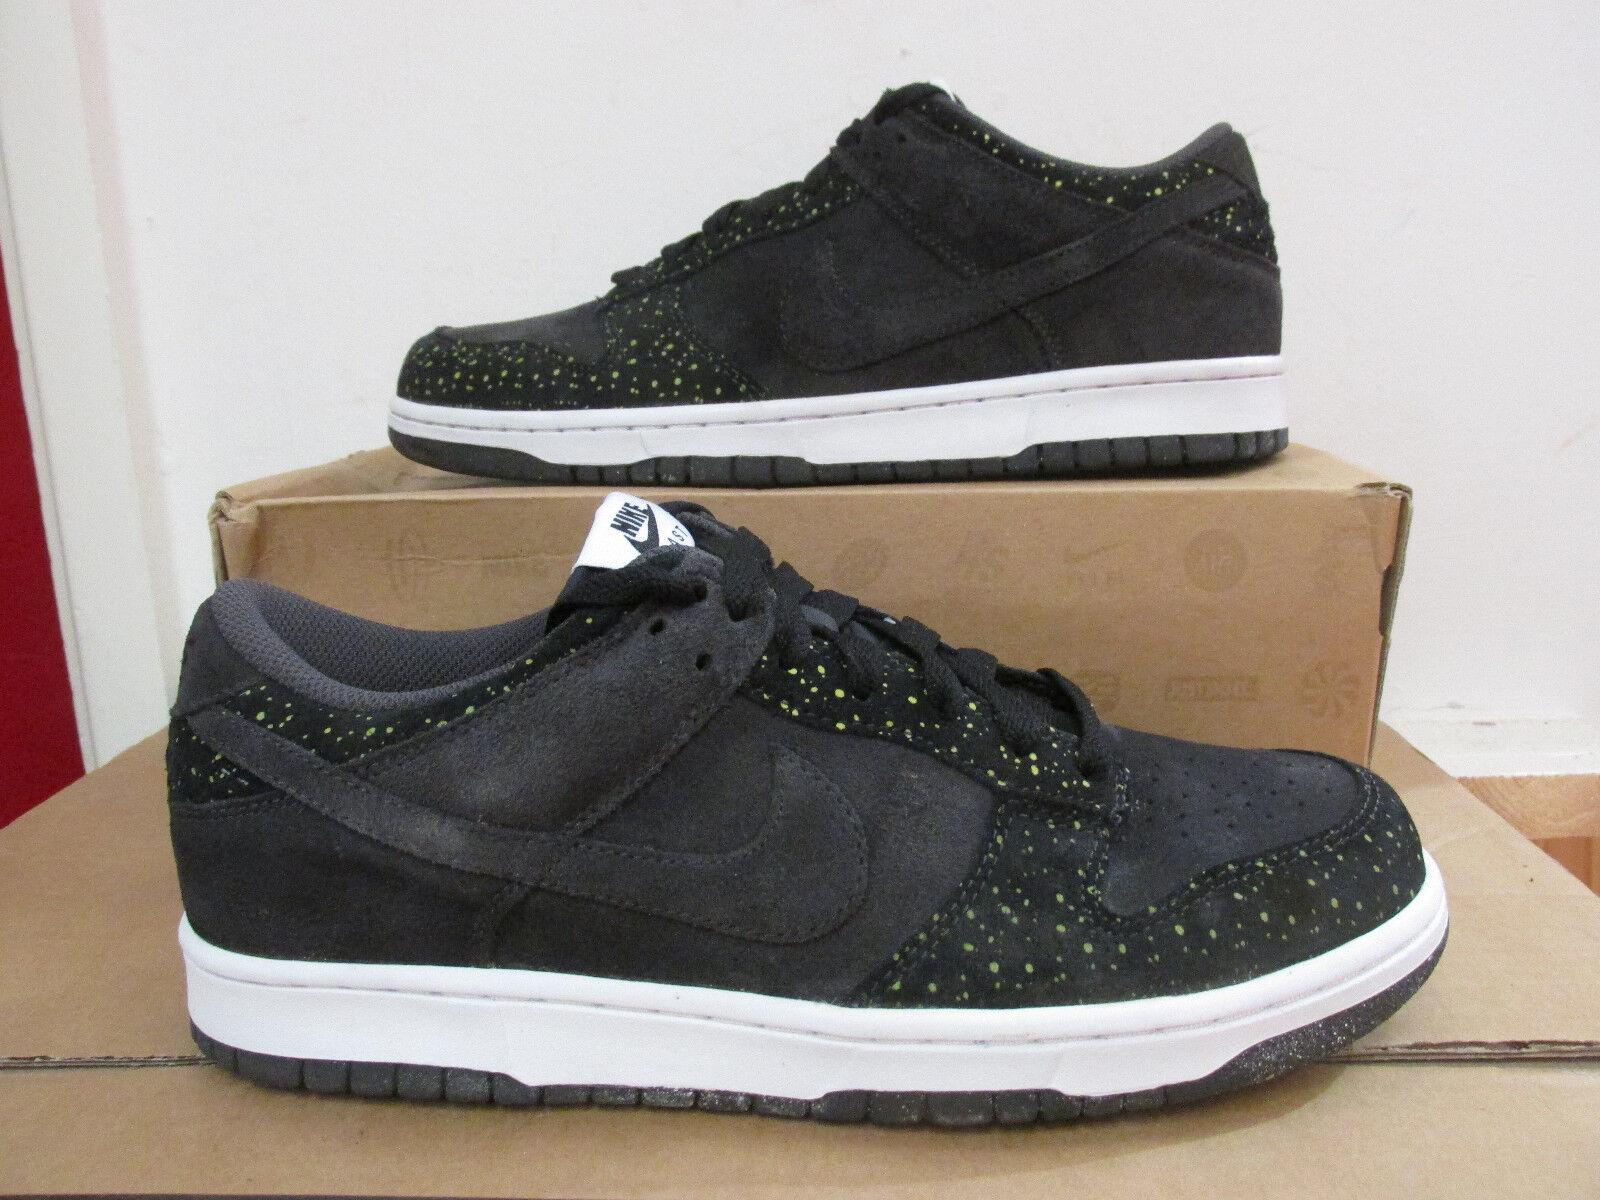 Descuento de la marca Nike Dunk Low CL Jordan Pack Para hombre Zapatillas 304714 992 Tenis Zapatos aclaramiento